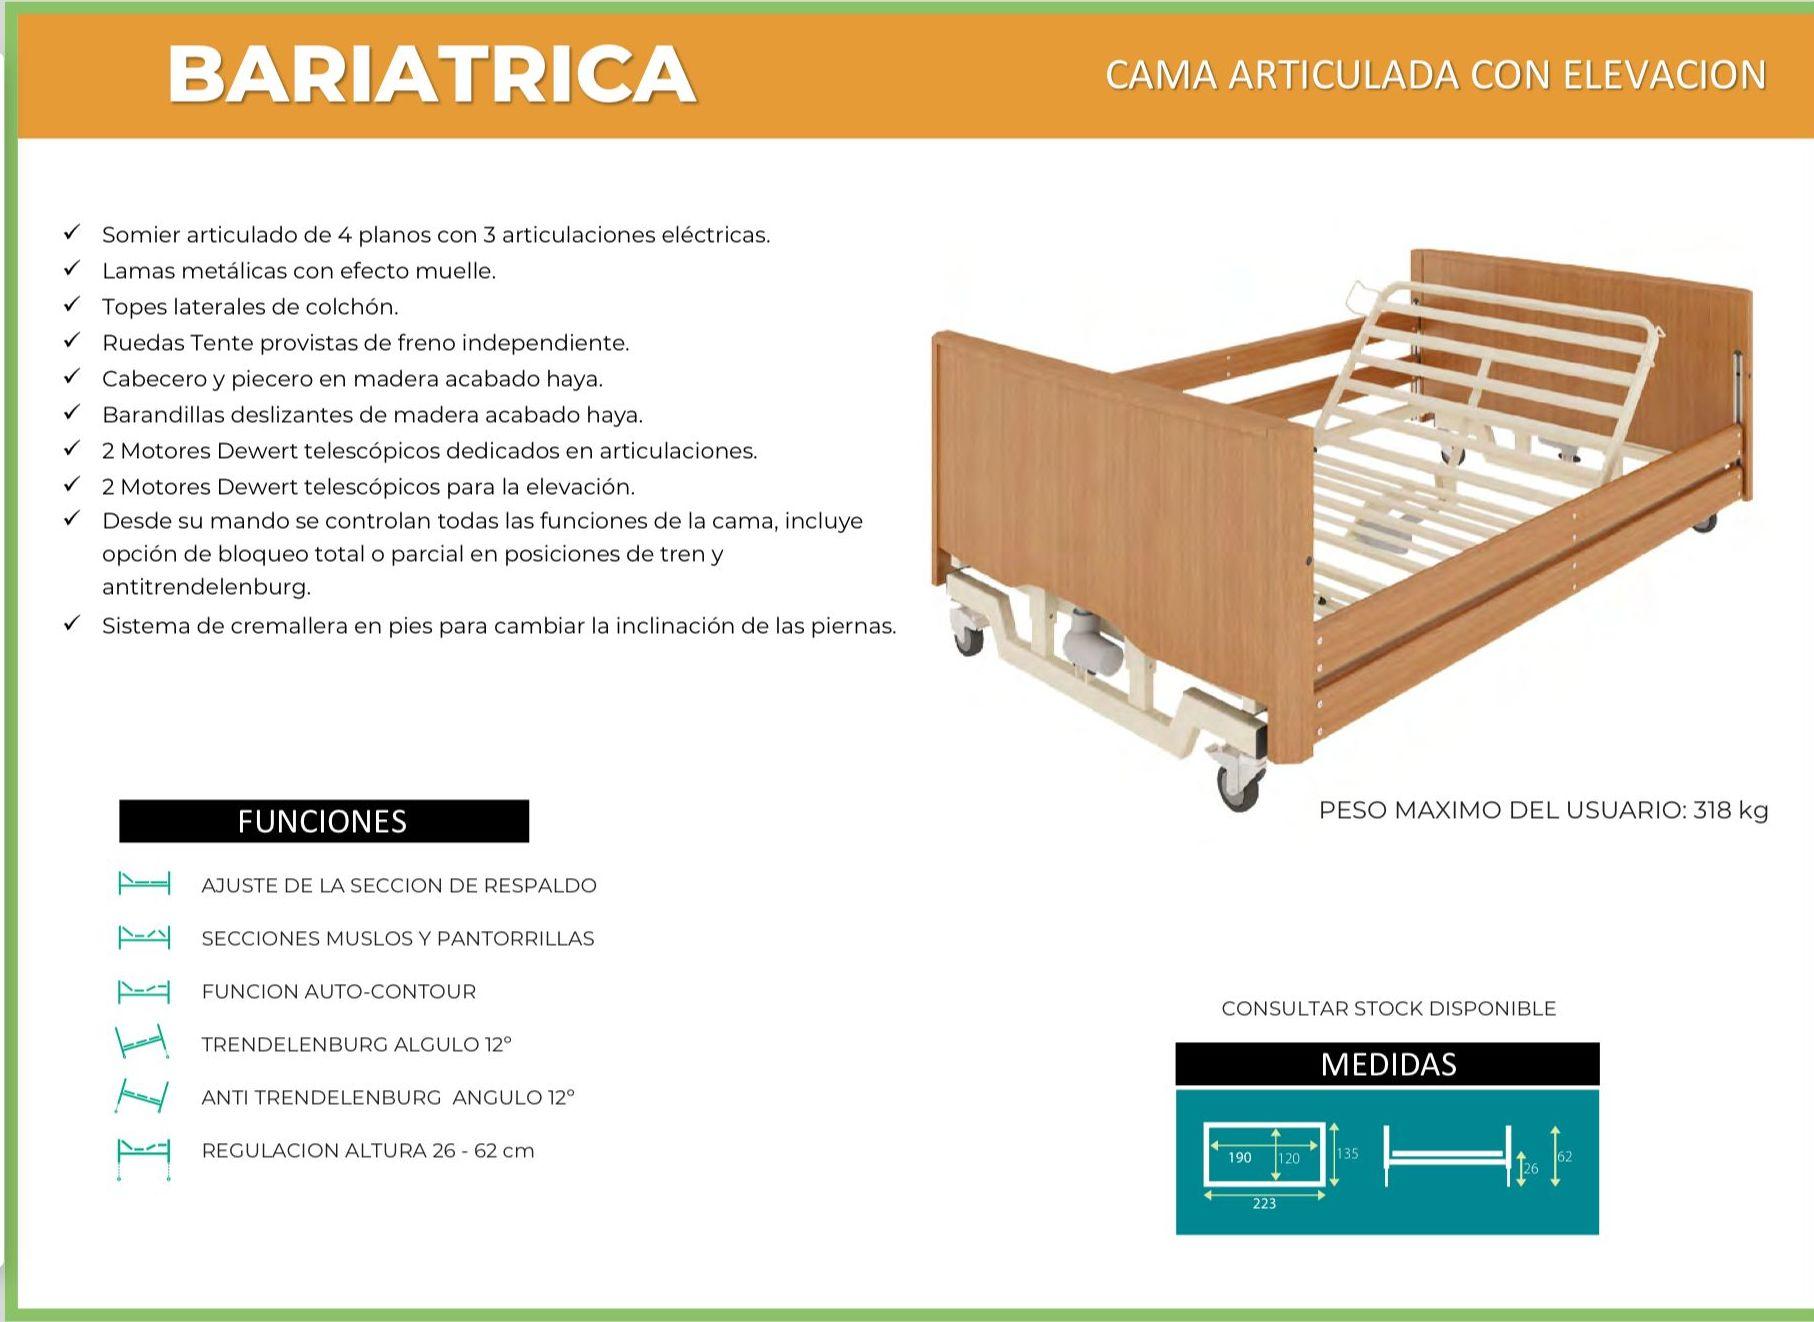 Cama Articulada Bariatrica: TIENDA ONLINE de Ortopedia La Fama